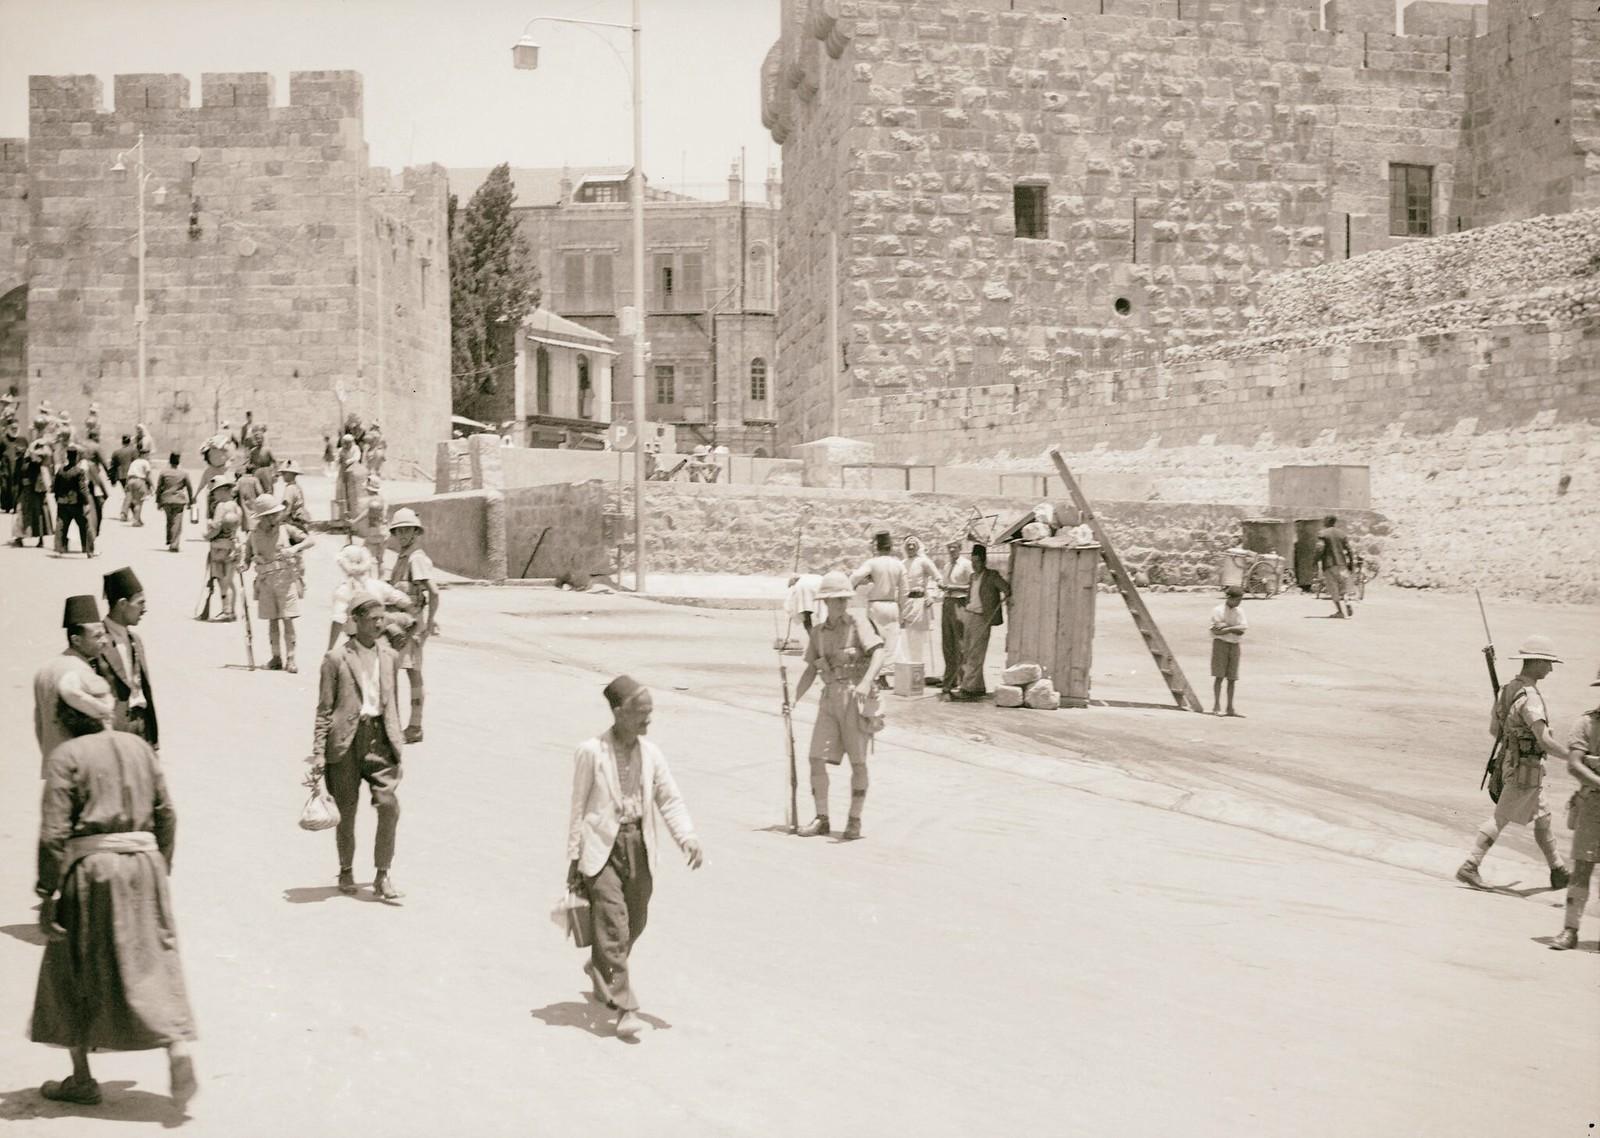 02. 1938. Борьба с арабскими террористами. Армия контролирует движение возле Цитадели. Вид через Яффские ворота. 8 июля